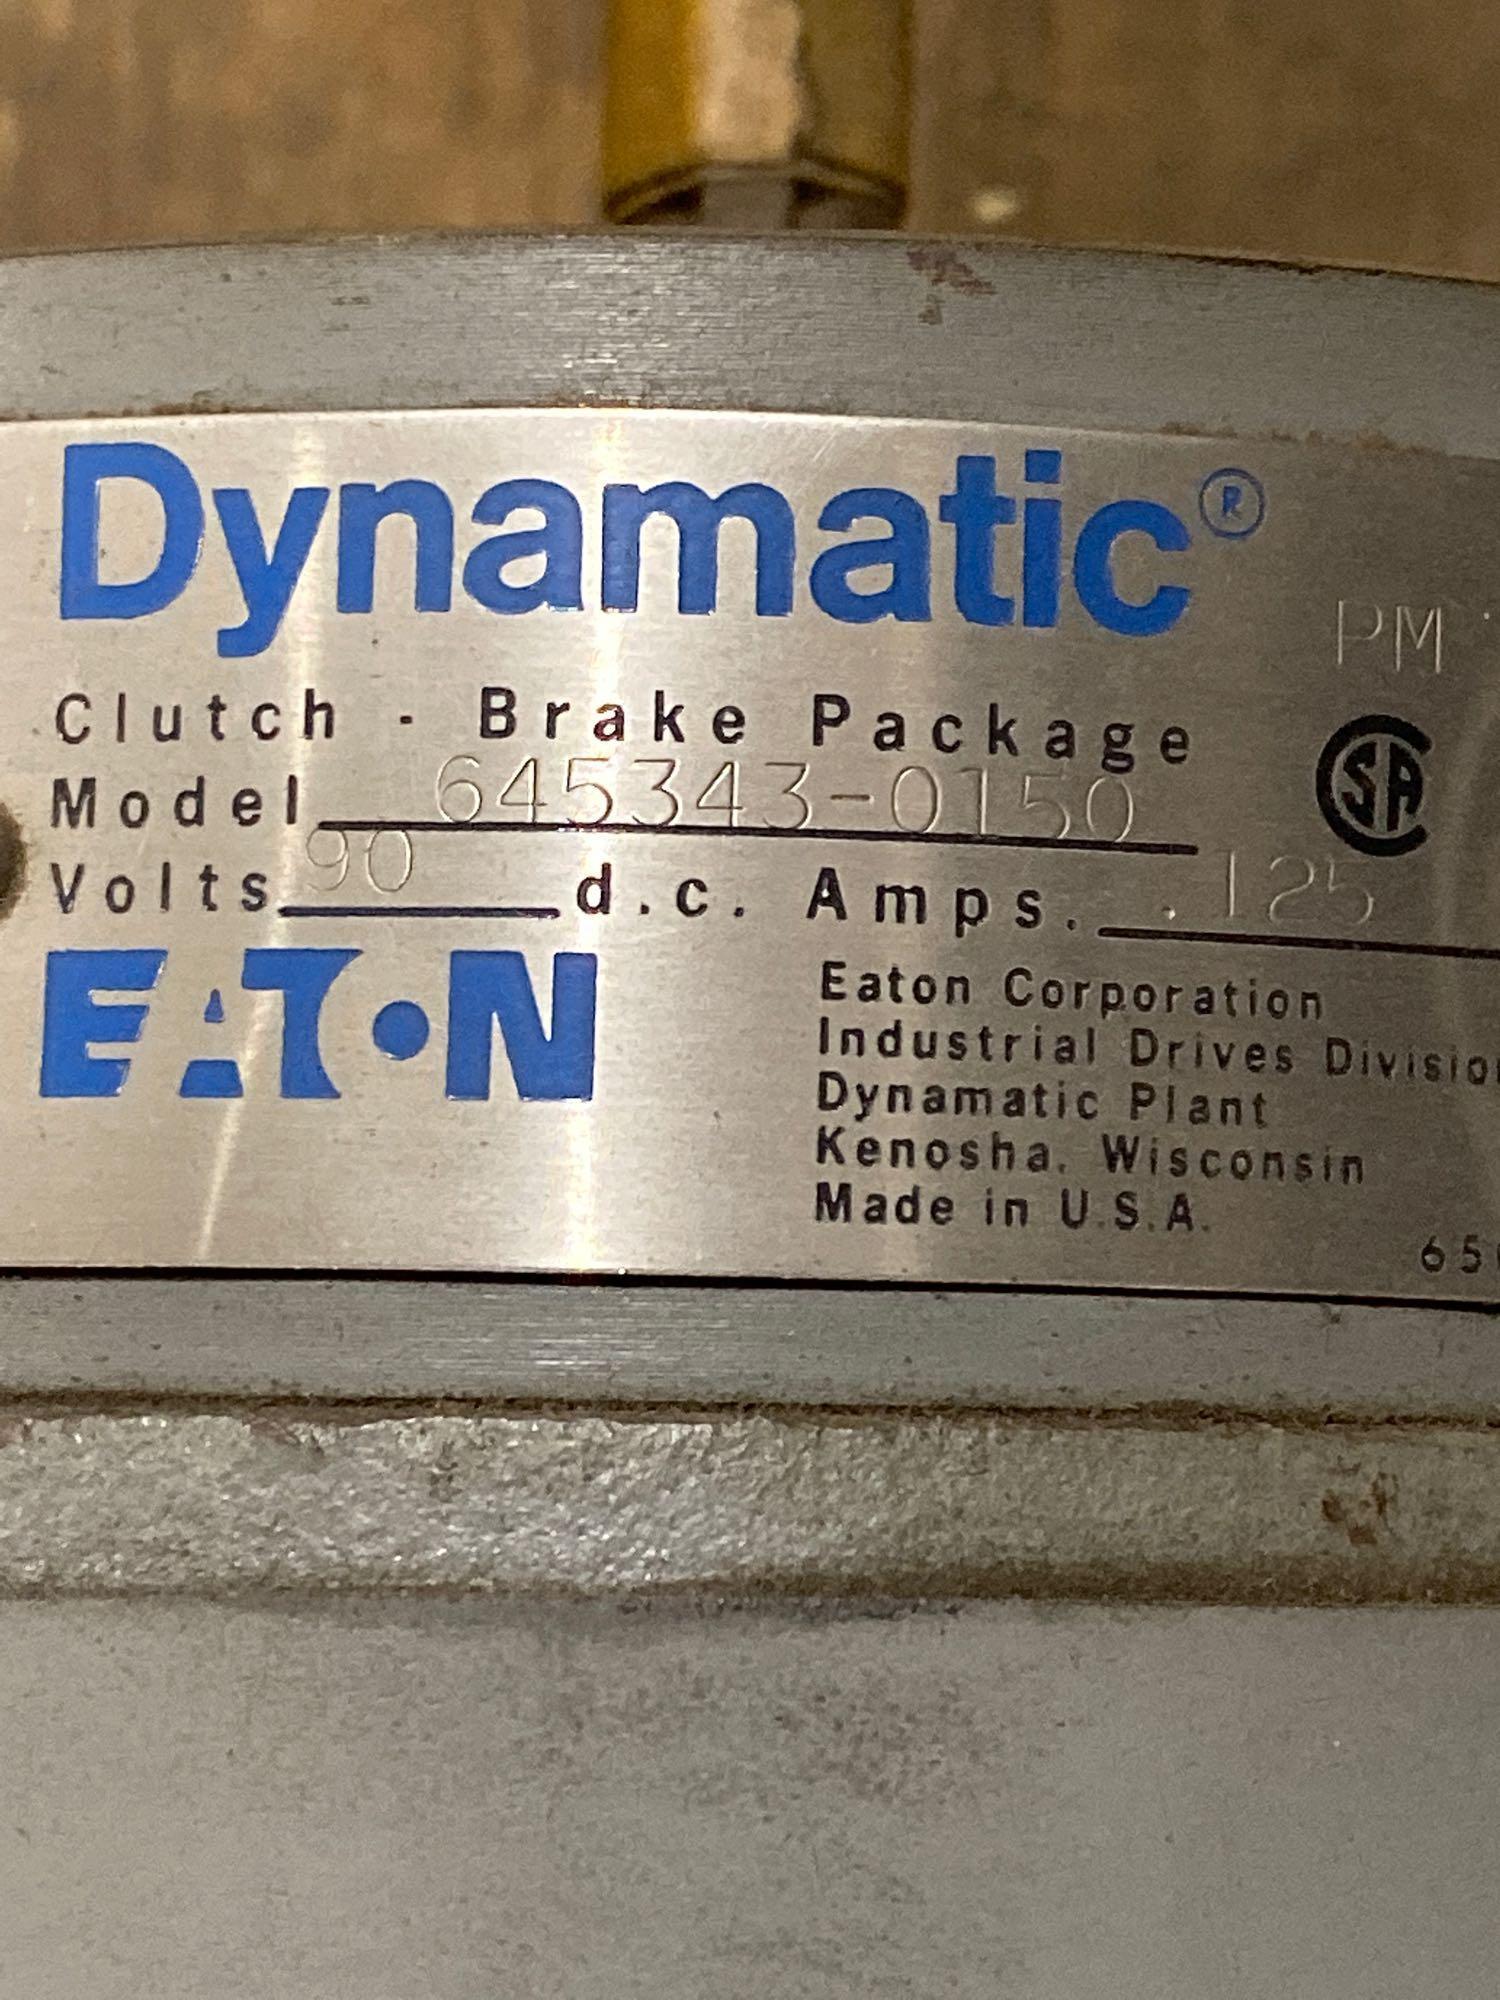 Lot 16 - Eaton Dynamatic Clutch Brake package. Model 645343-0150. New with minor shelf wear.